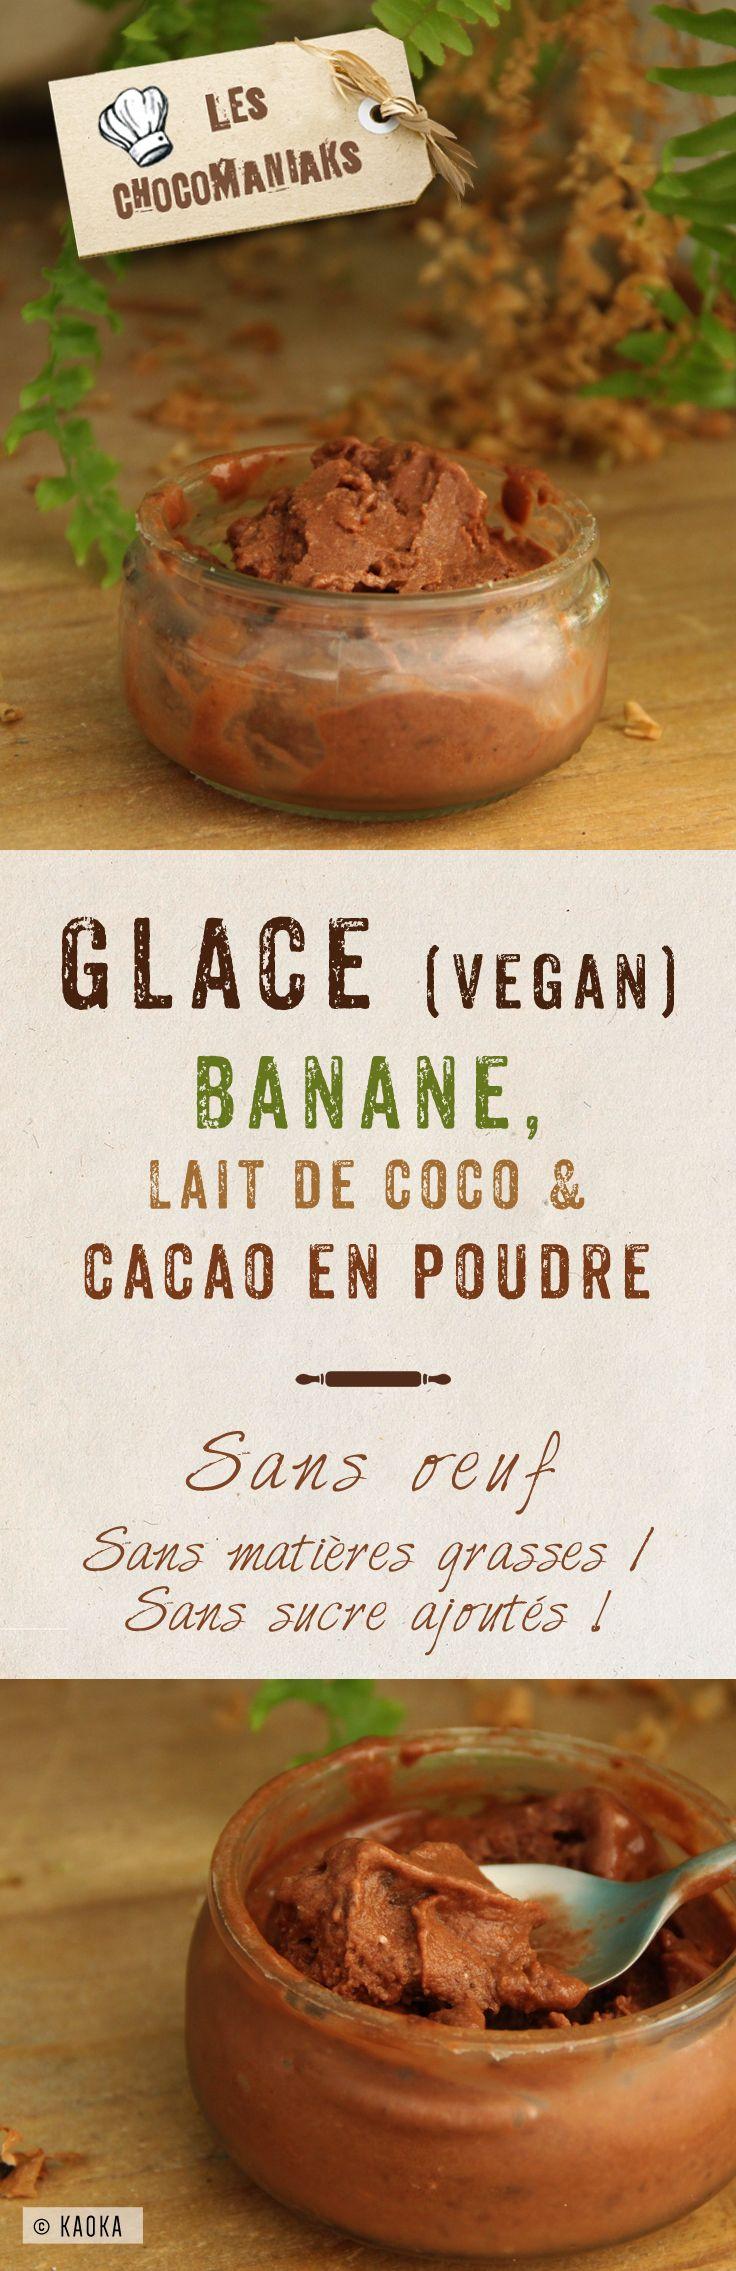 #Recette healthy de Glace #Vegan ultra rapide et facile à faire à la banane, au lait de coco et au cacao en poudre ! Et surtout sans sorbetière ! Light, sans oeuf, sans matière grasse, sans sucre ajouté. Cette glace à la texture crémeuse va vous faire succomber // recette au chocolat proposée par le blog www.chocomaniaks.fr avec le Cacao Maigre en Poudre bio équitable KAOKA®. /// Vegan Ice cream with banana, coconut milk & cocoa powder - Easy #recipe #egg-free #fat-free #sugar-free